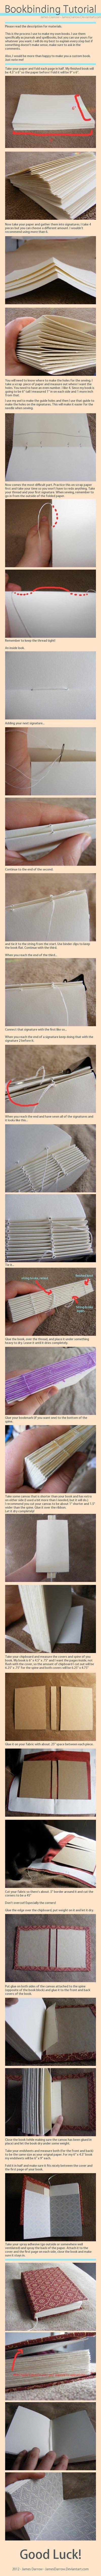 Bookbinding tutorial